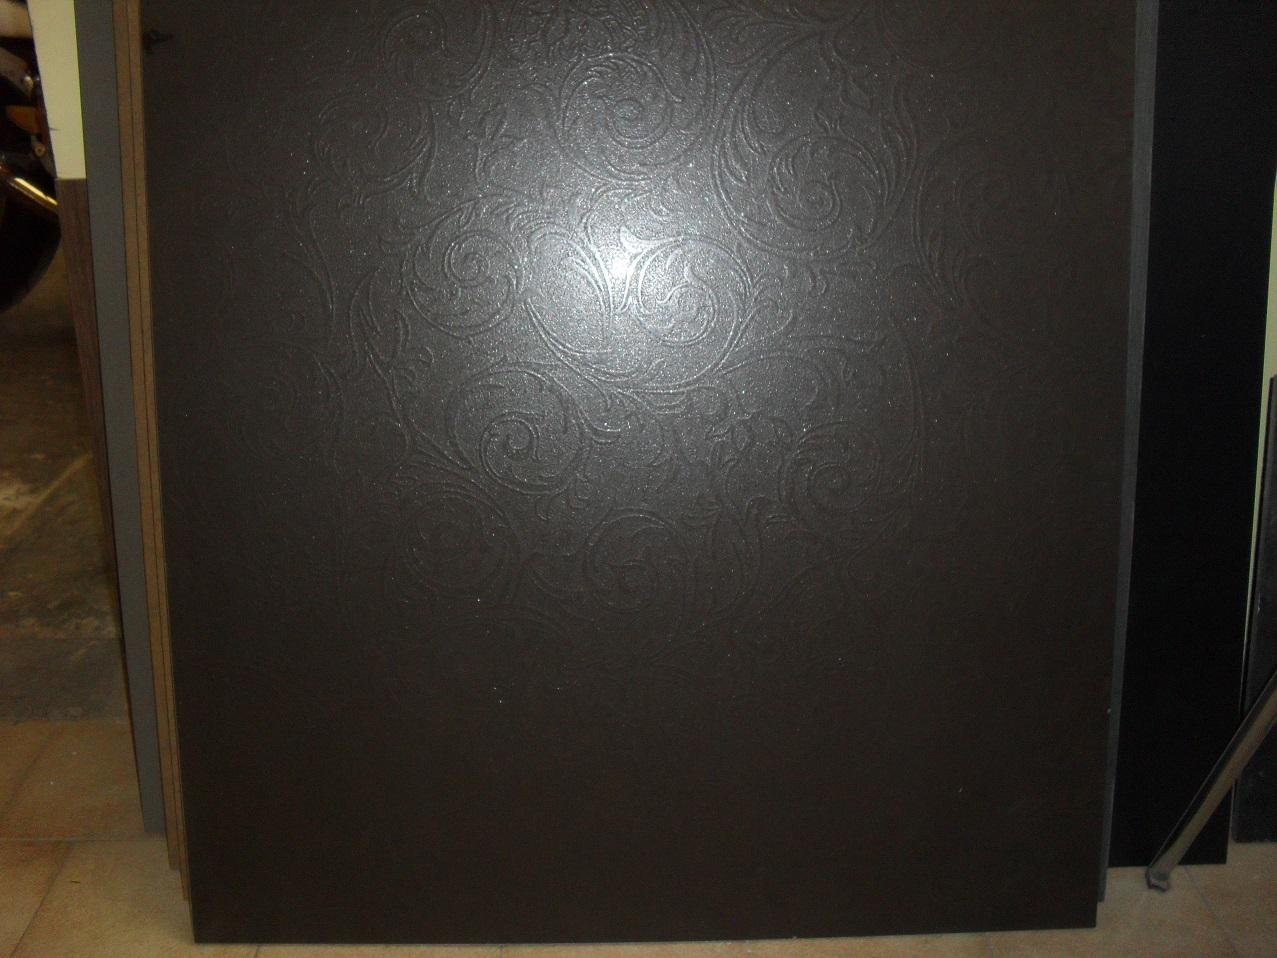 Piastrelle bagno prezzi mq excellent resina per pavimenti prezzi mq with pavimento in resina - Stock piastrelle versace ...